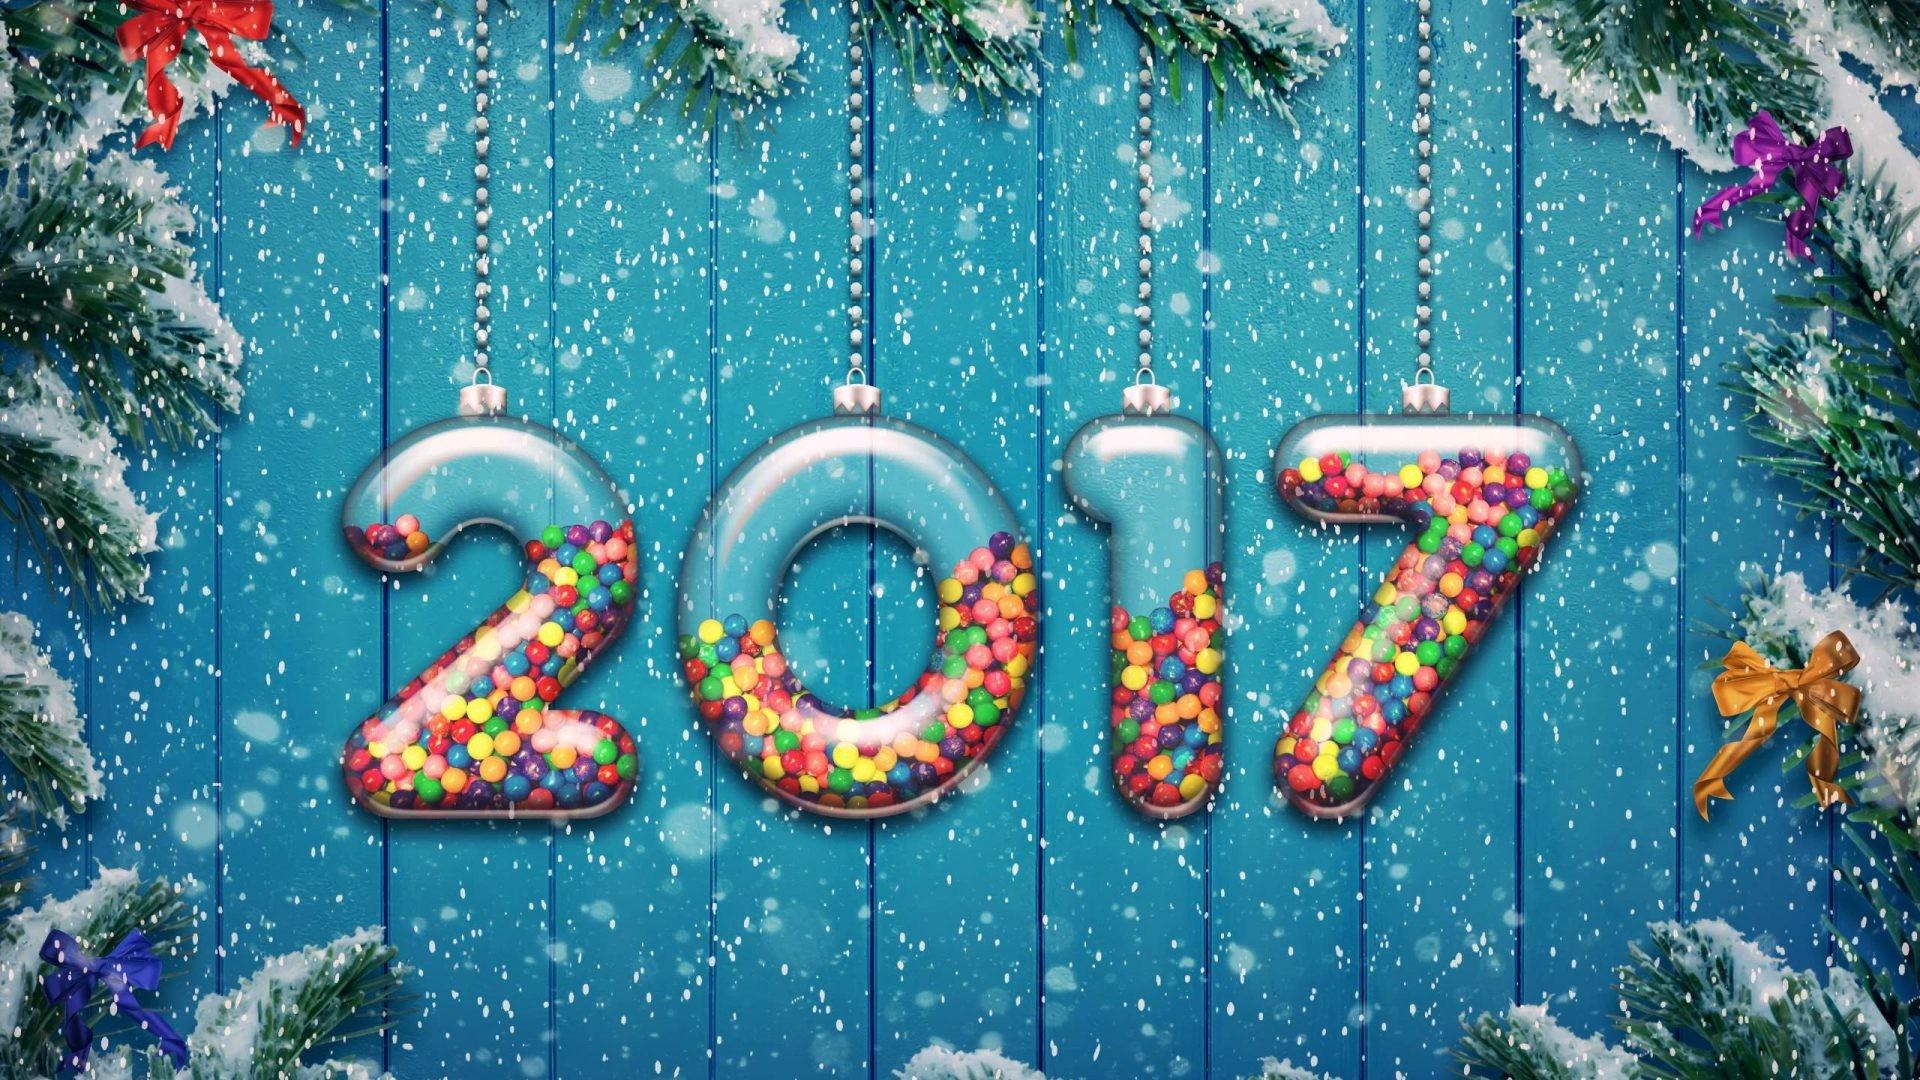 10 fonds d cran pour souhaiter une bonne ann e 2017 for Fond ecran noel 2016